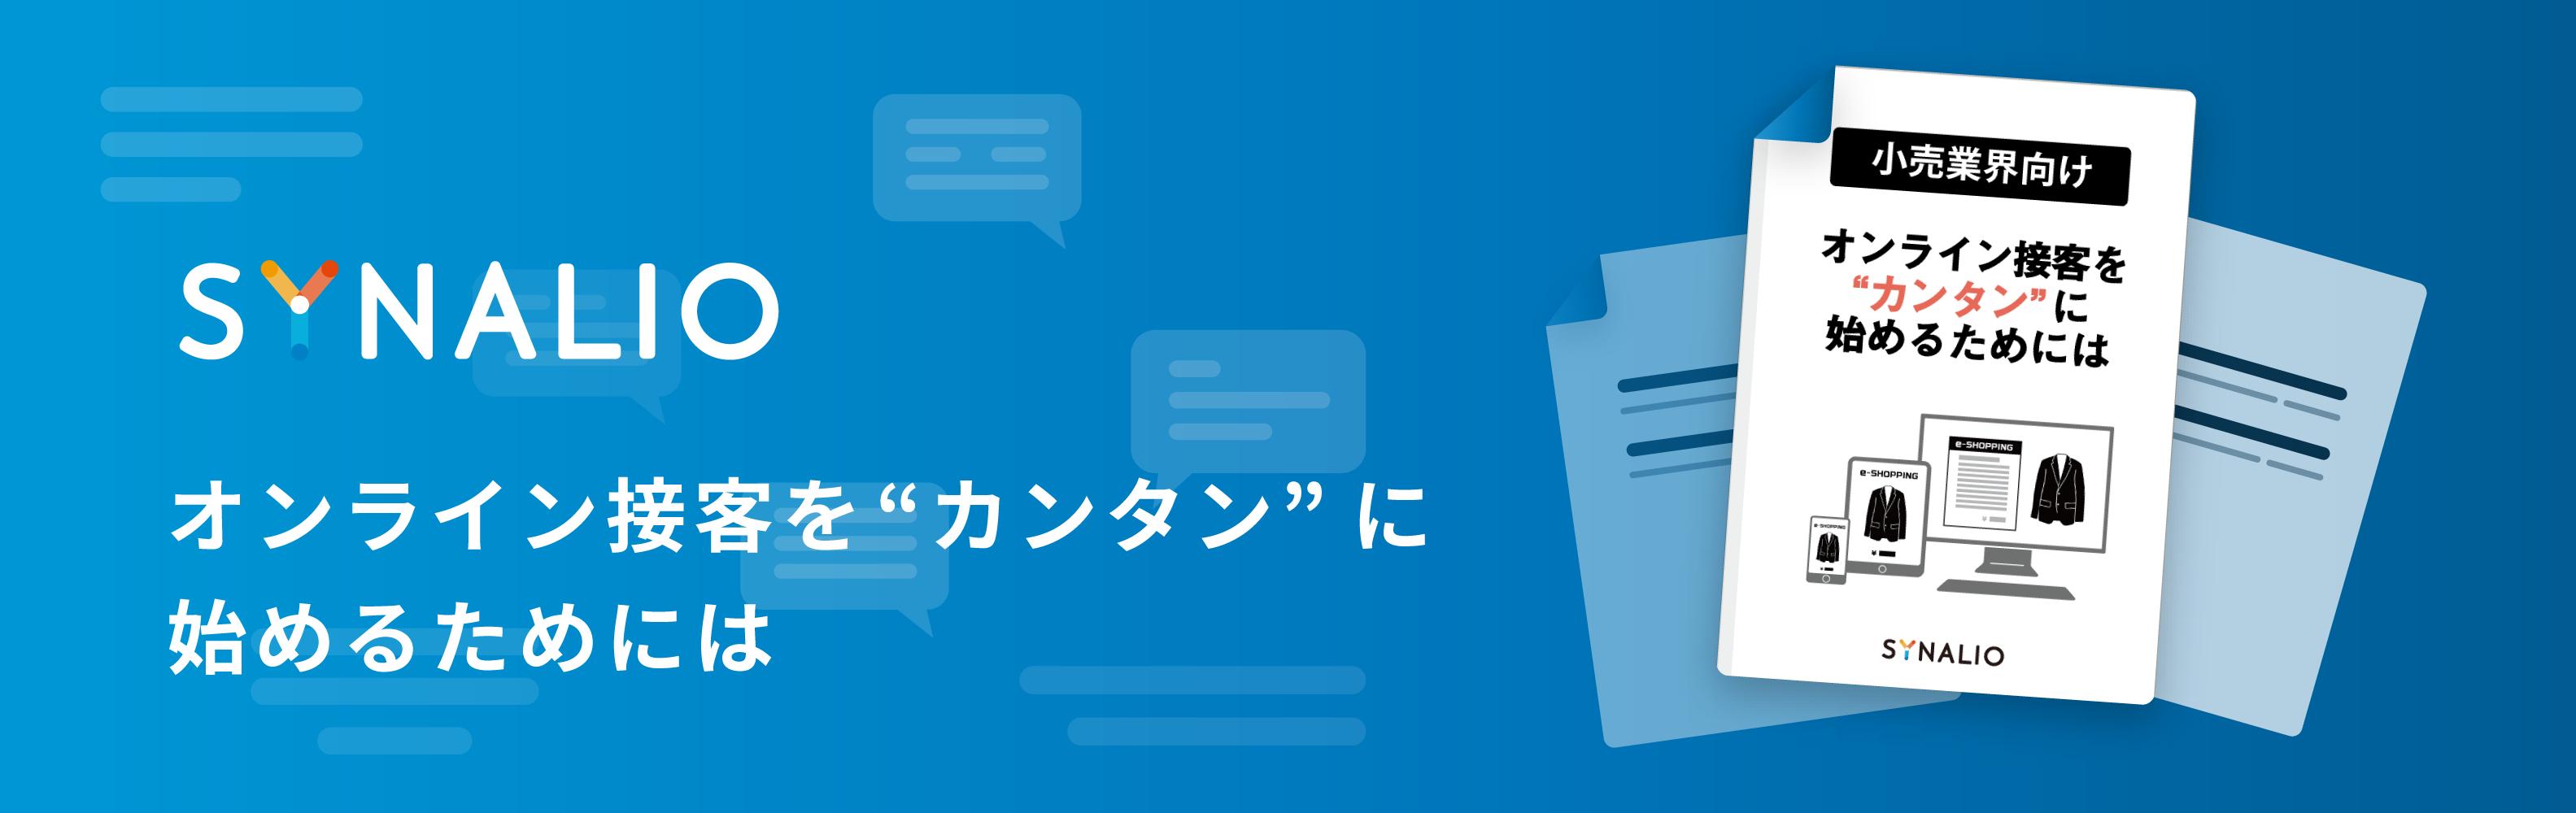 """【小売業界向け】オンライン接客を""""カンタン""""に始めるためには"""